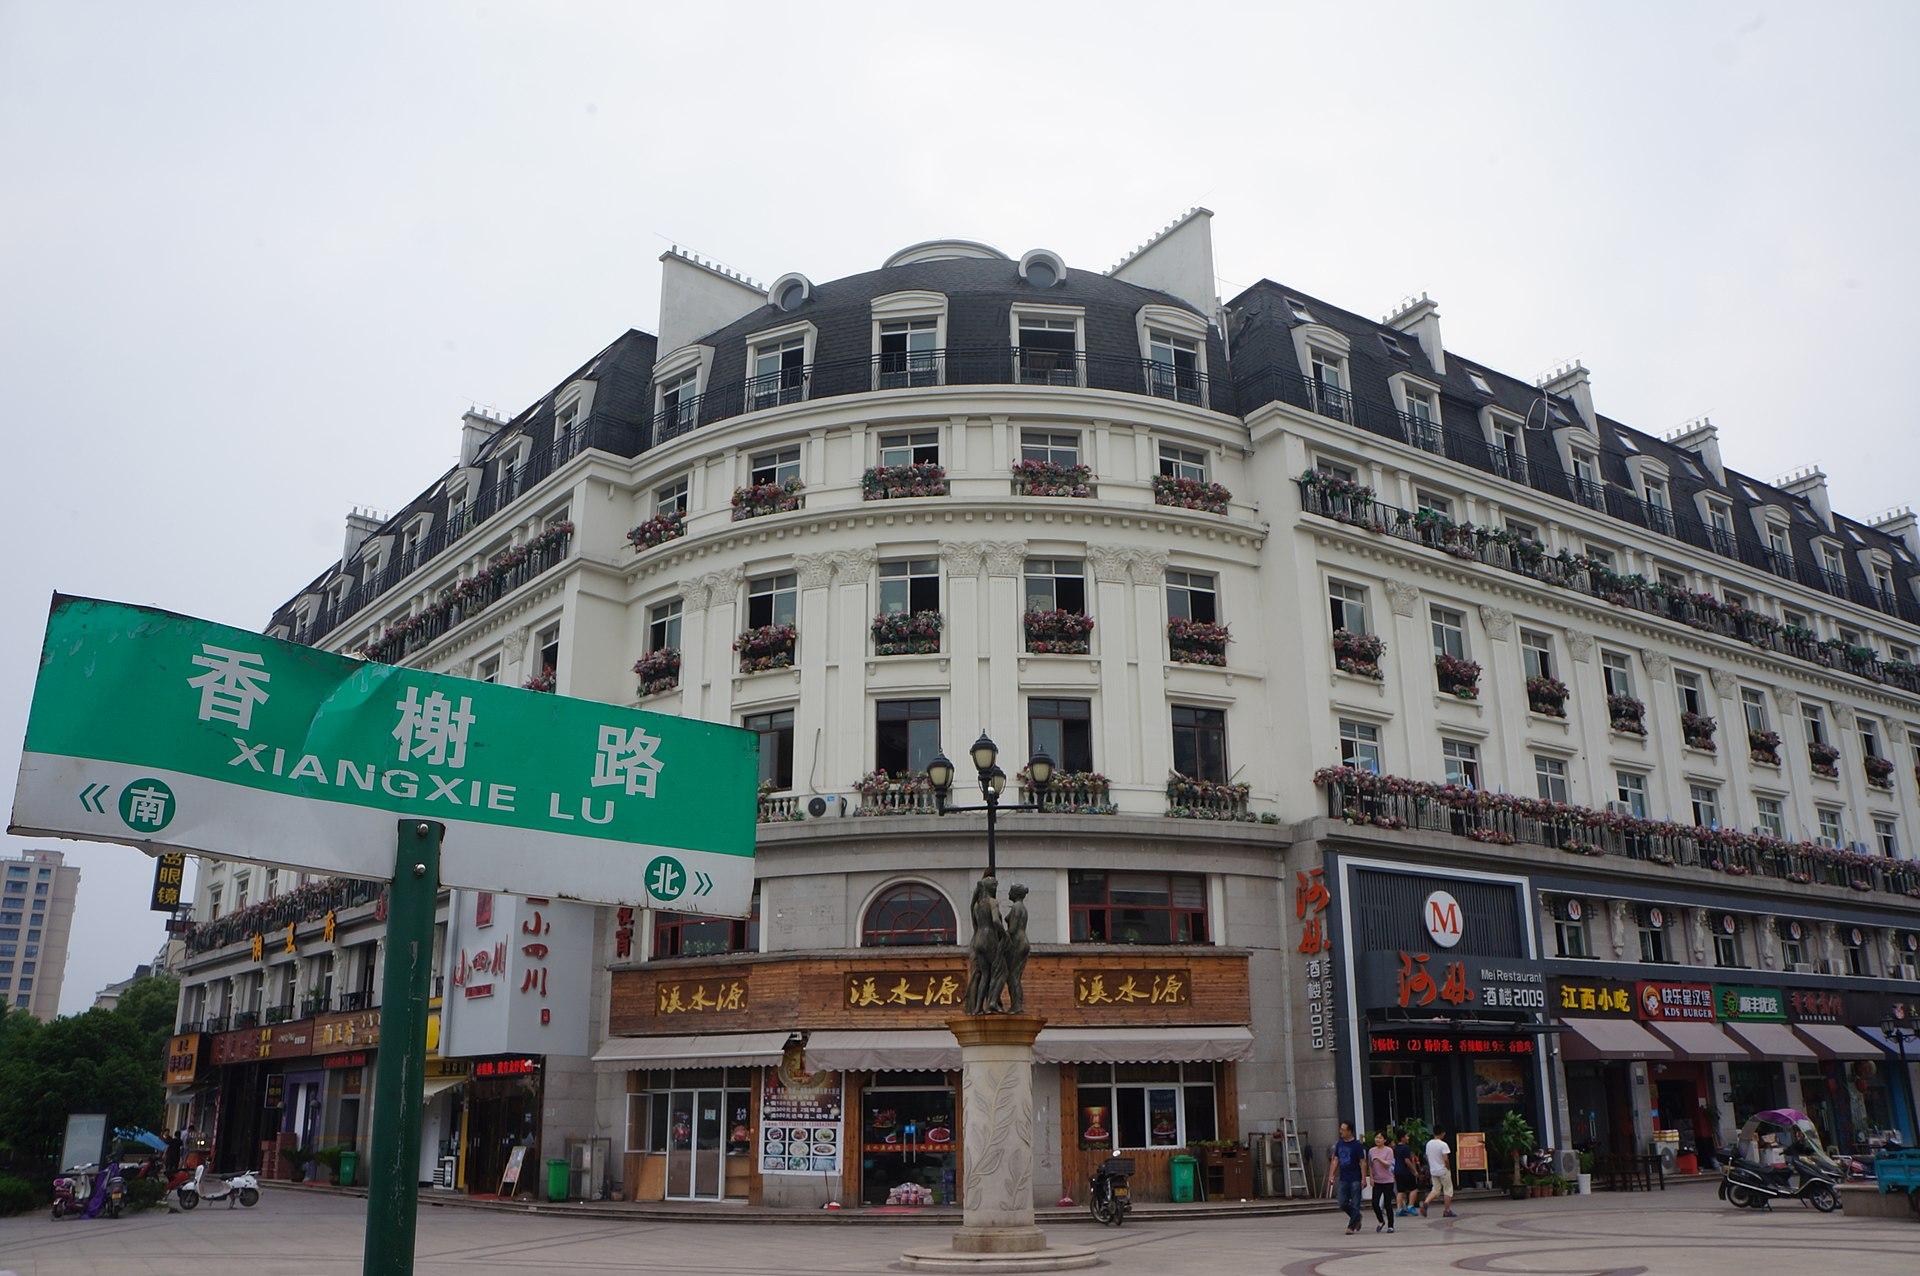 tiandu cheng paris copie chine métro ville architecture